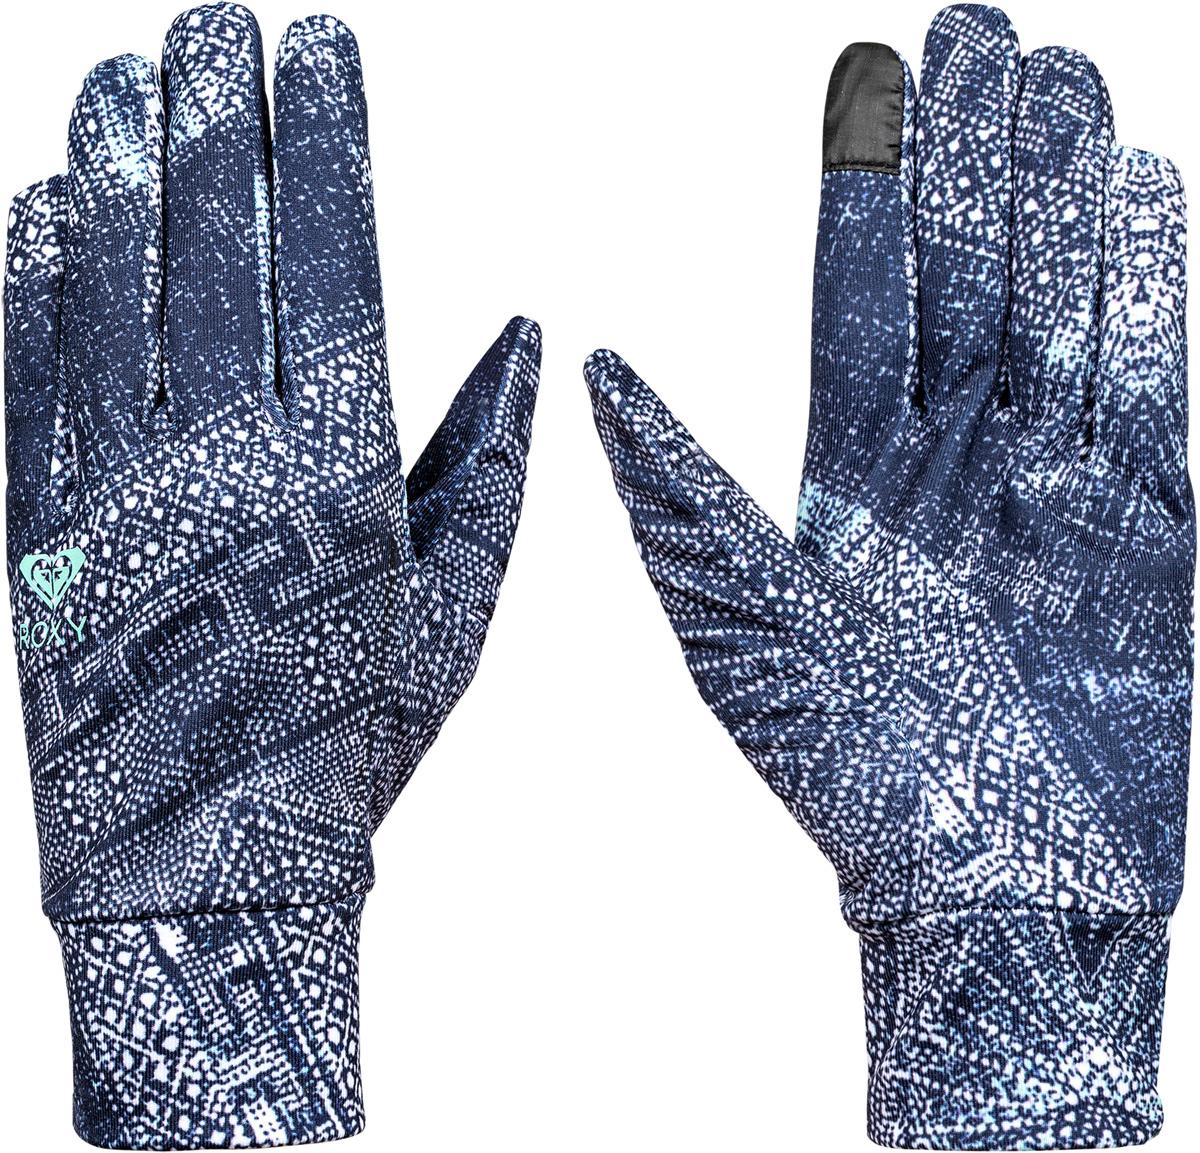 Перчатки женские Roxy Liner, цвет: темно-синий. ERJHN03059-BTN6. Размер M (7)ERJHN03059-BTN6Сноубордические перчатки Roxy Liner выполнены из технологичного эластичного текстиля Polartec Power Stretch. Широкие манжеты обеспечивают комфортную посадку модели на руке. Указательный палец подходит для пользования тачскрином.